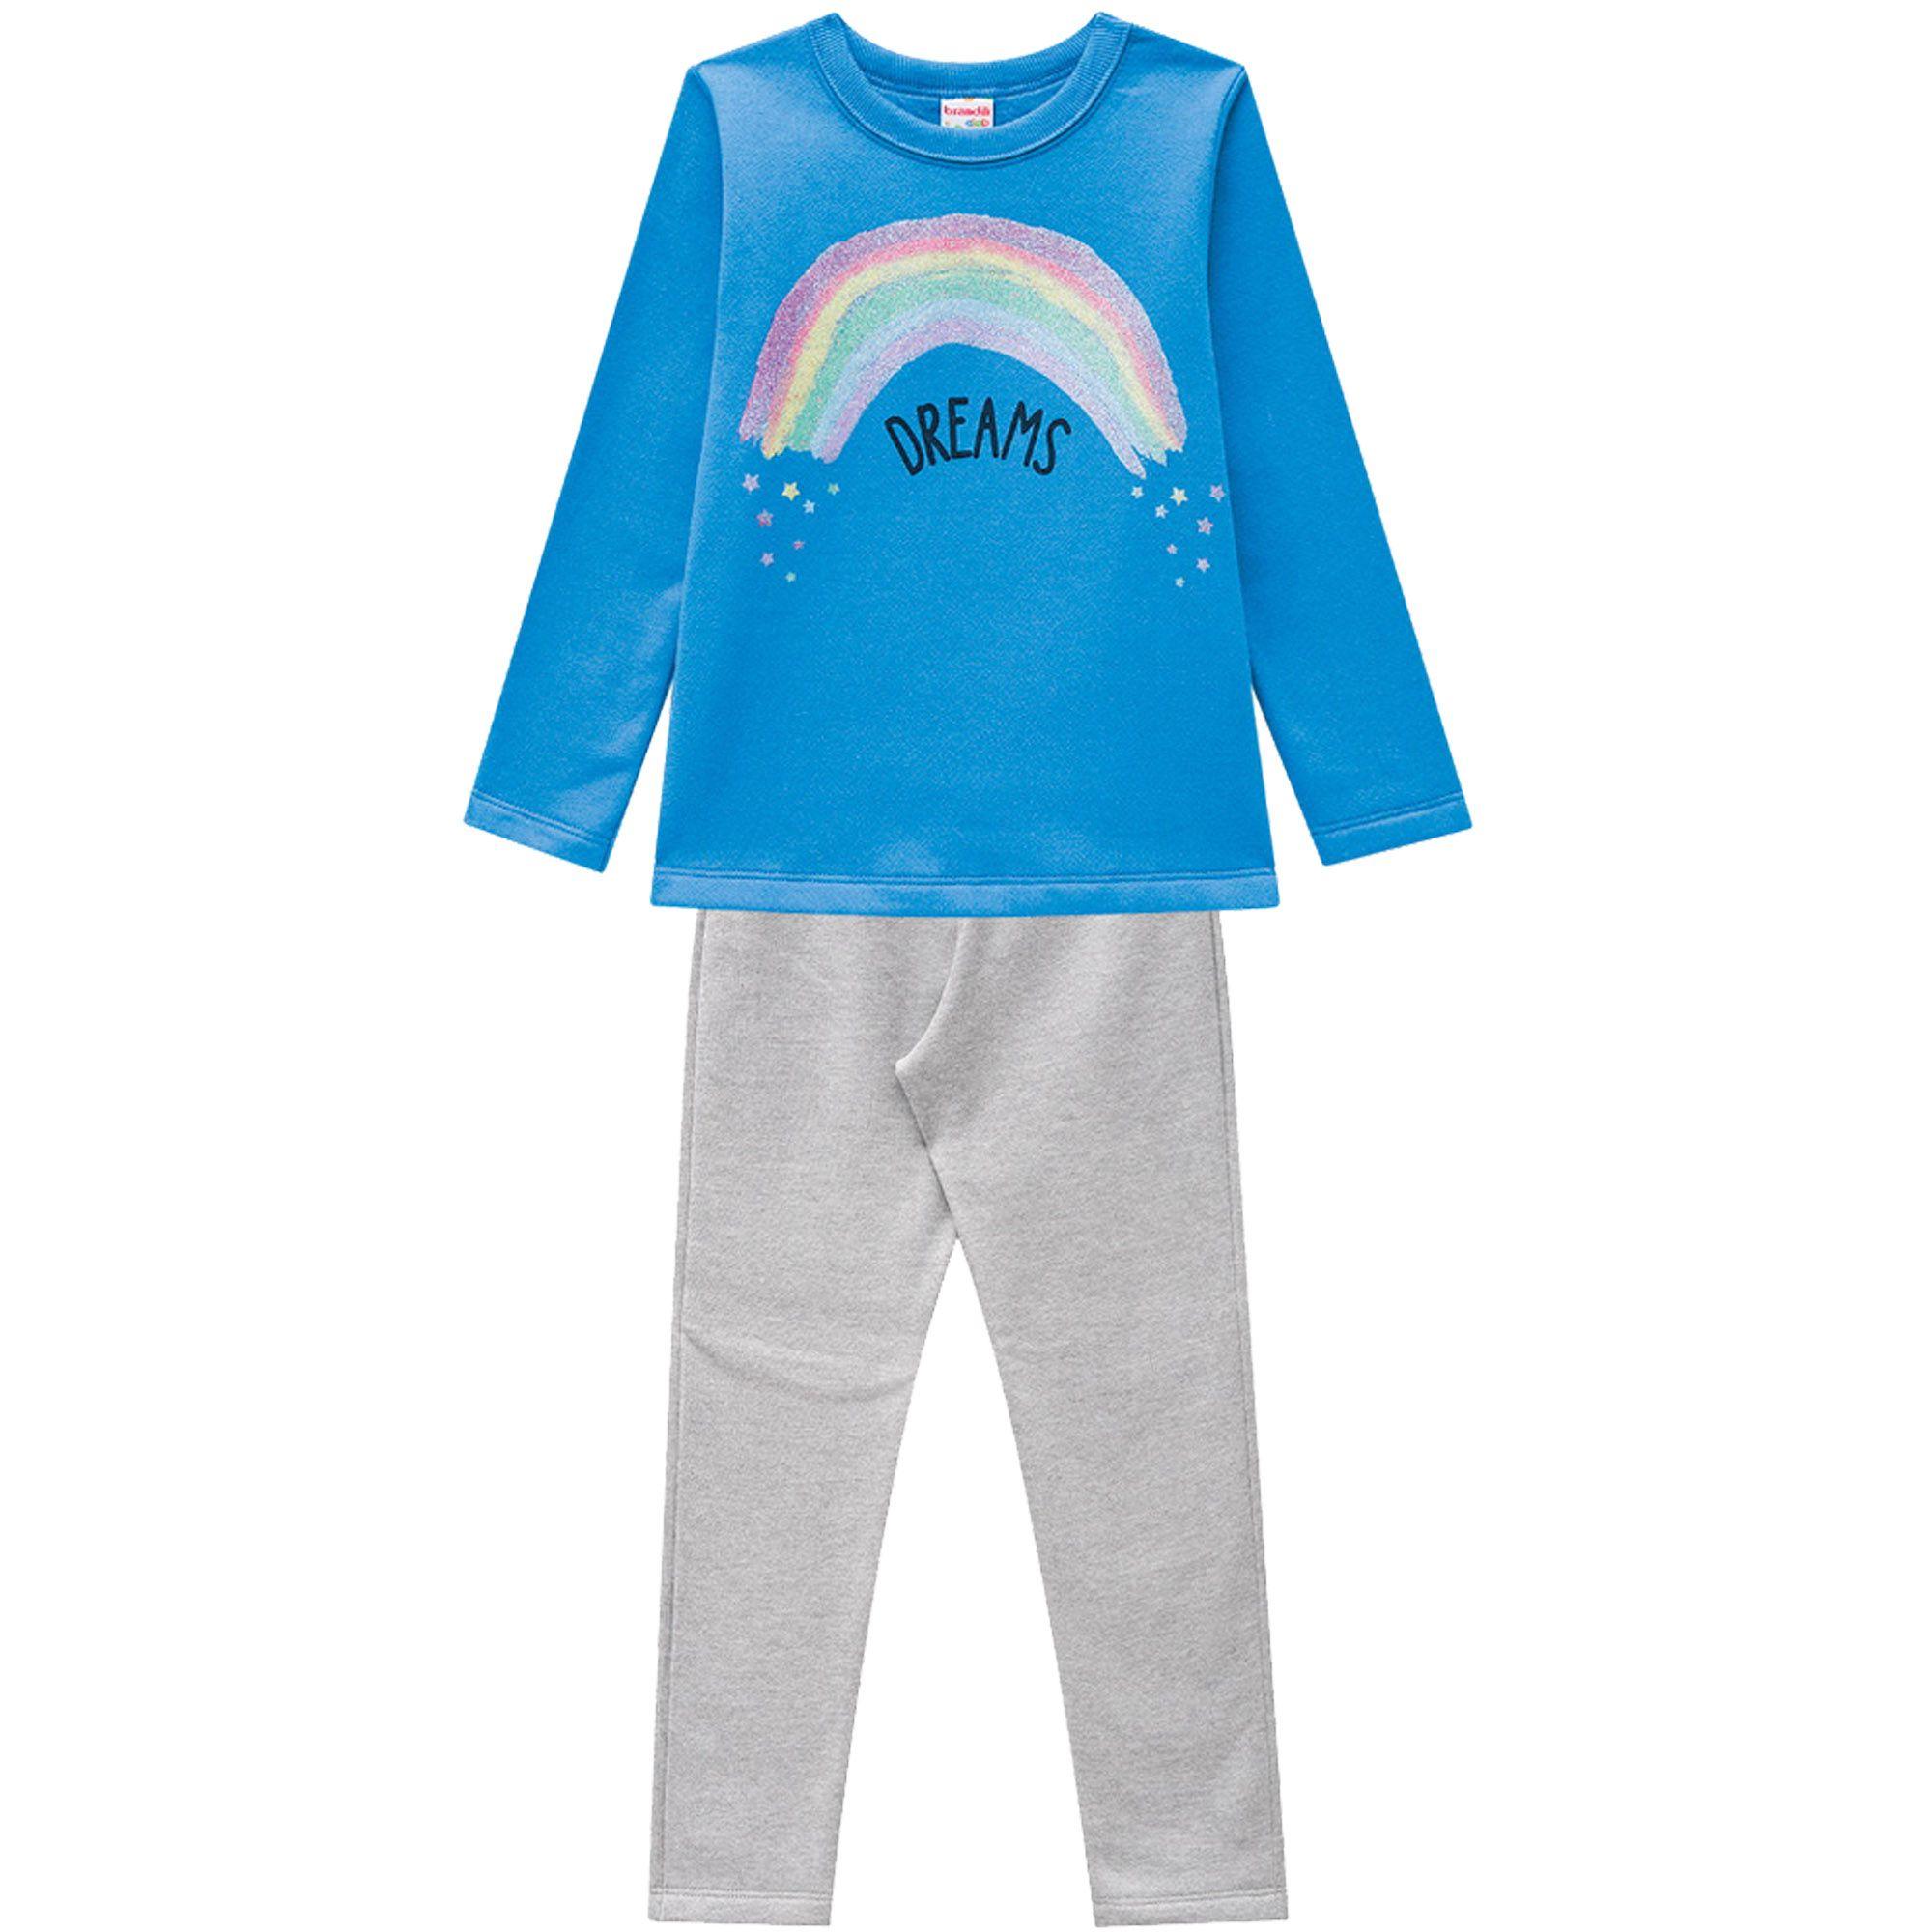 Conjunto Inverno Brandili Club Estampado Dreams Arco Iris com calça em moletom - 12 ao 16